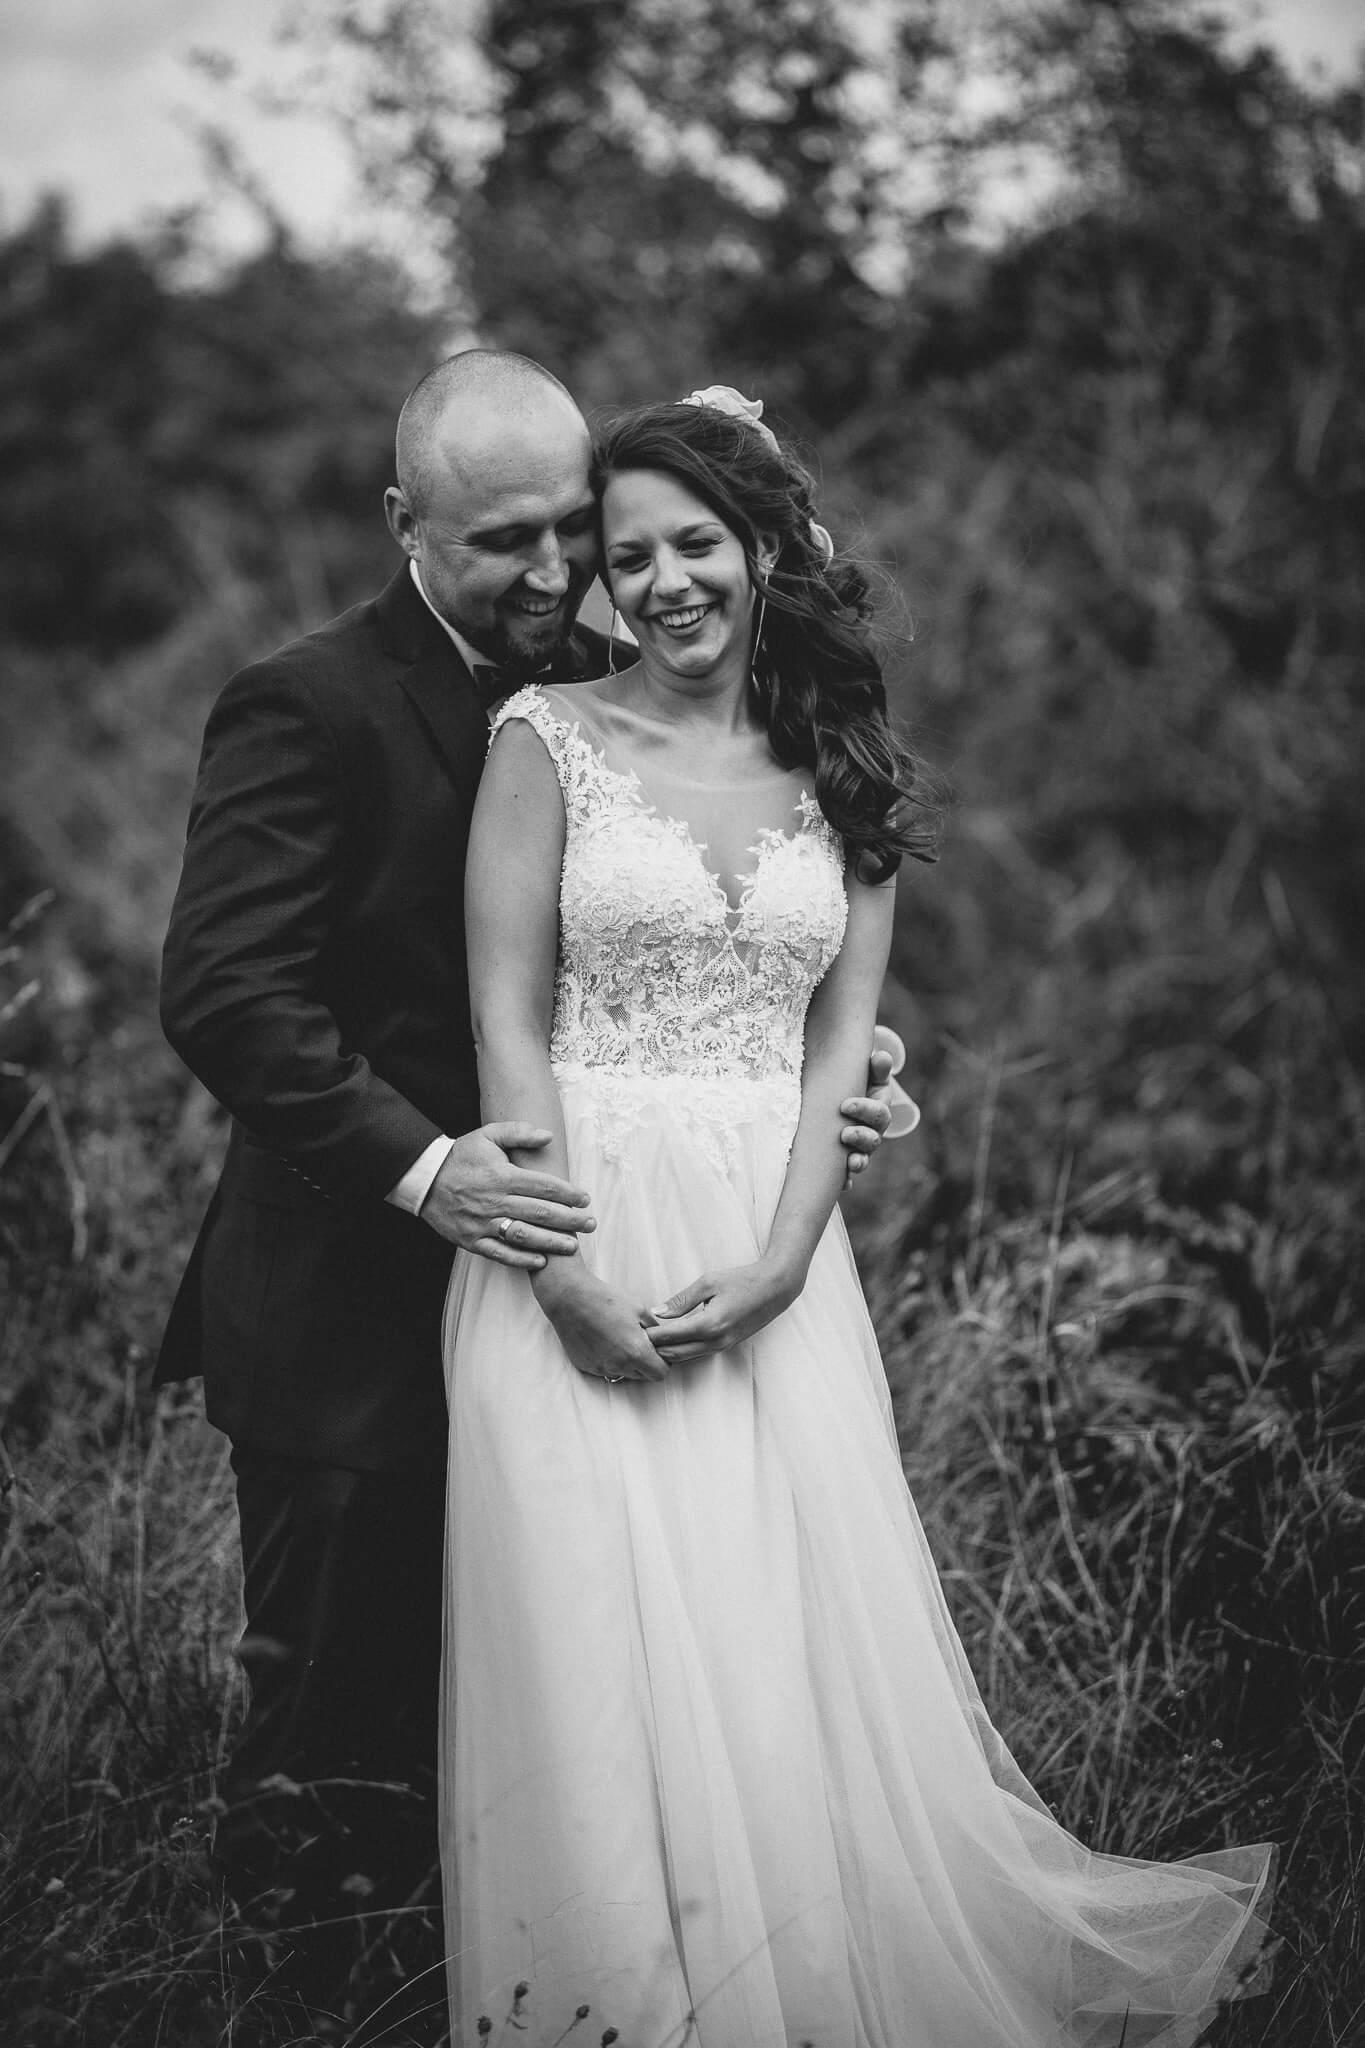 Als Hochzeitsfotograf in Mörstadt - Jan und Anika 19